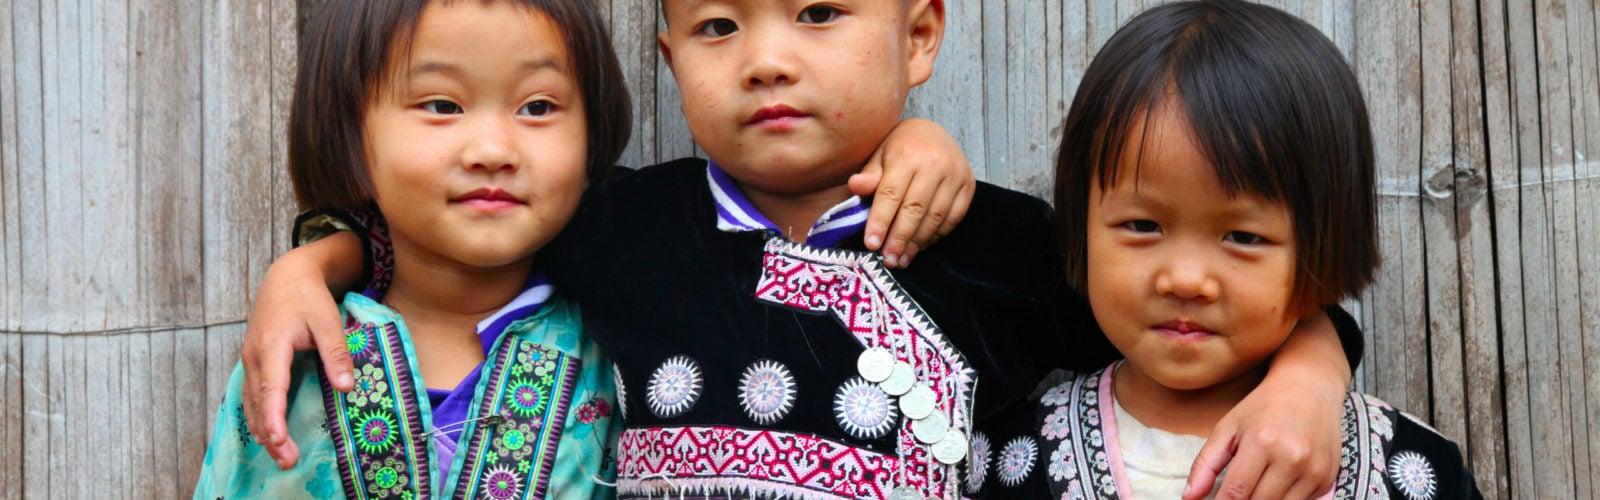 thailand-hmong